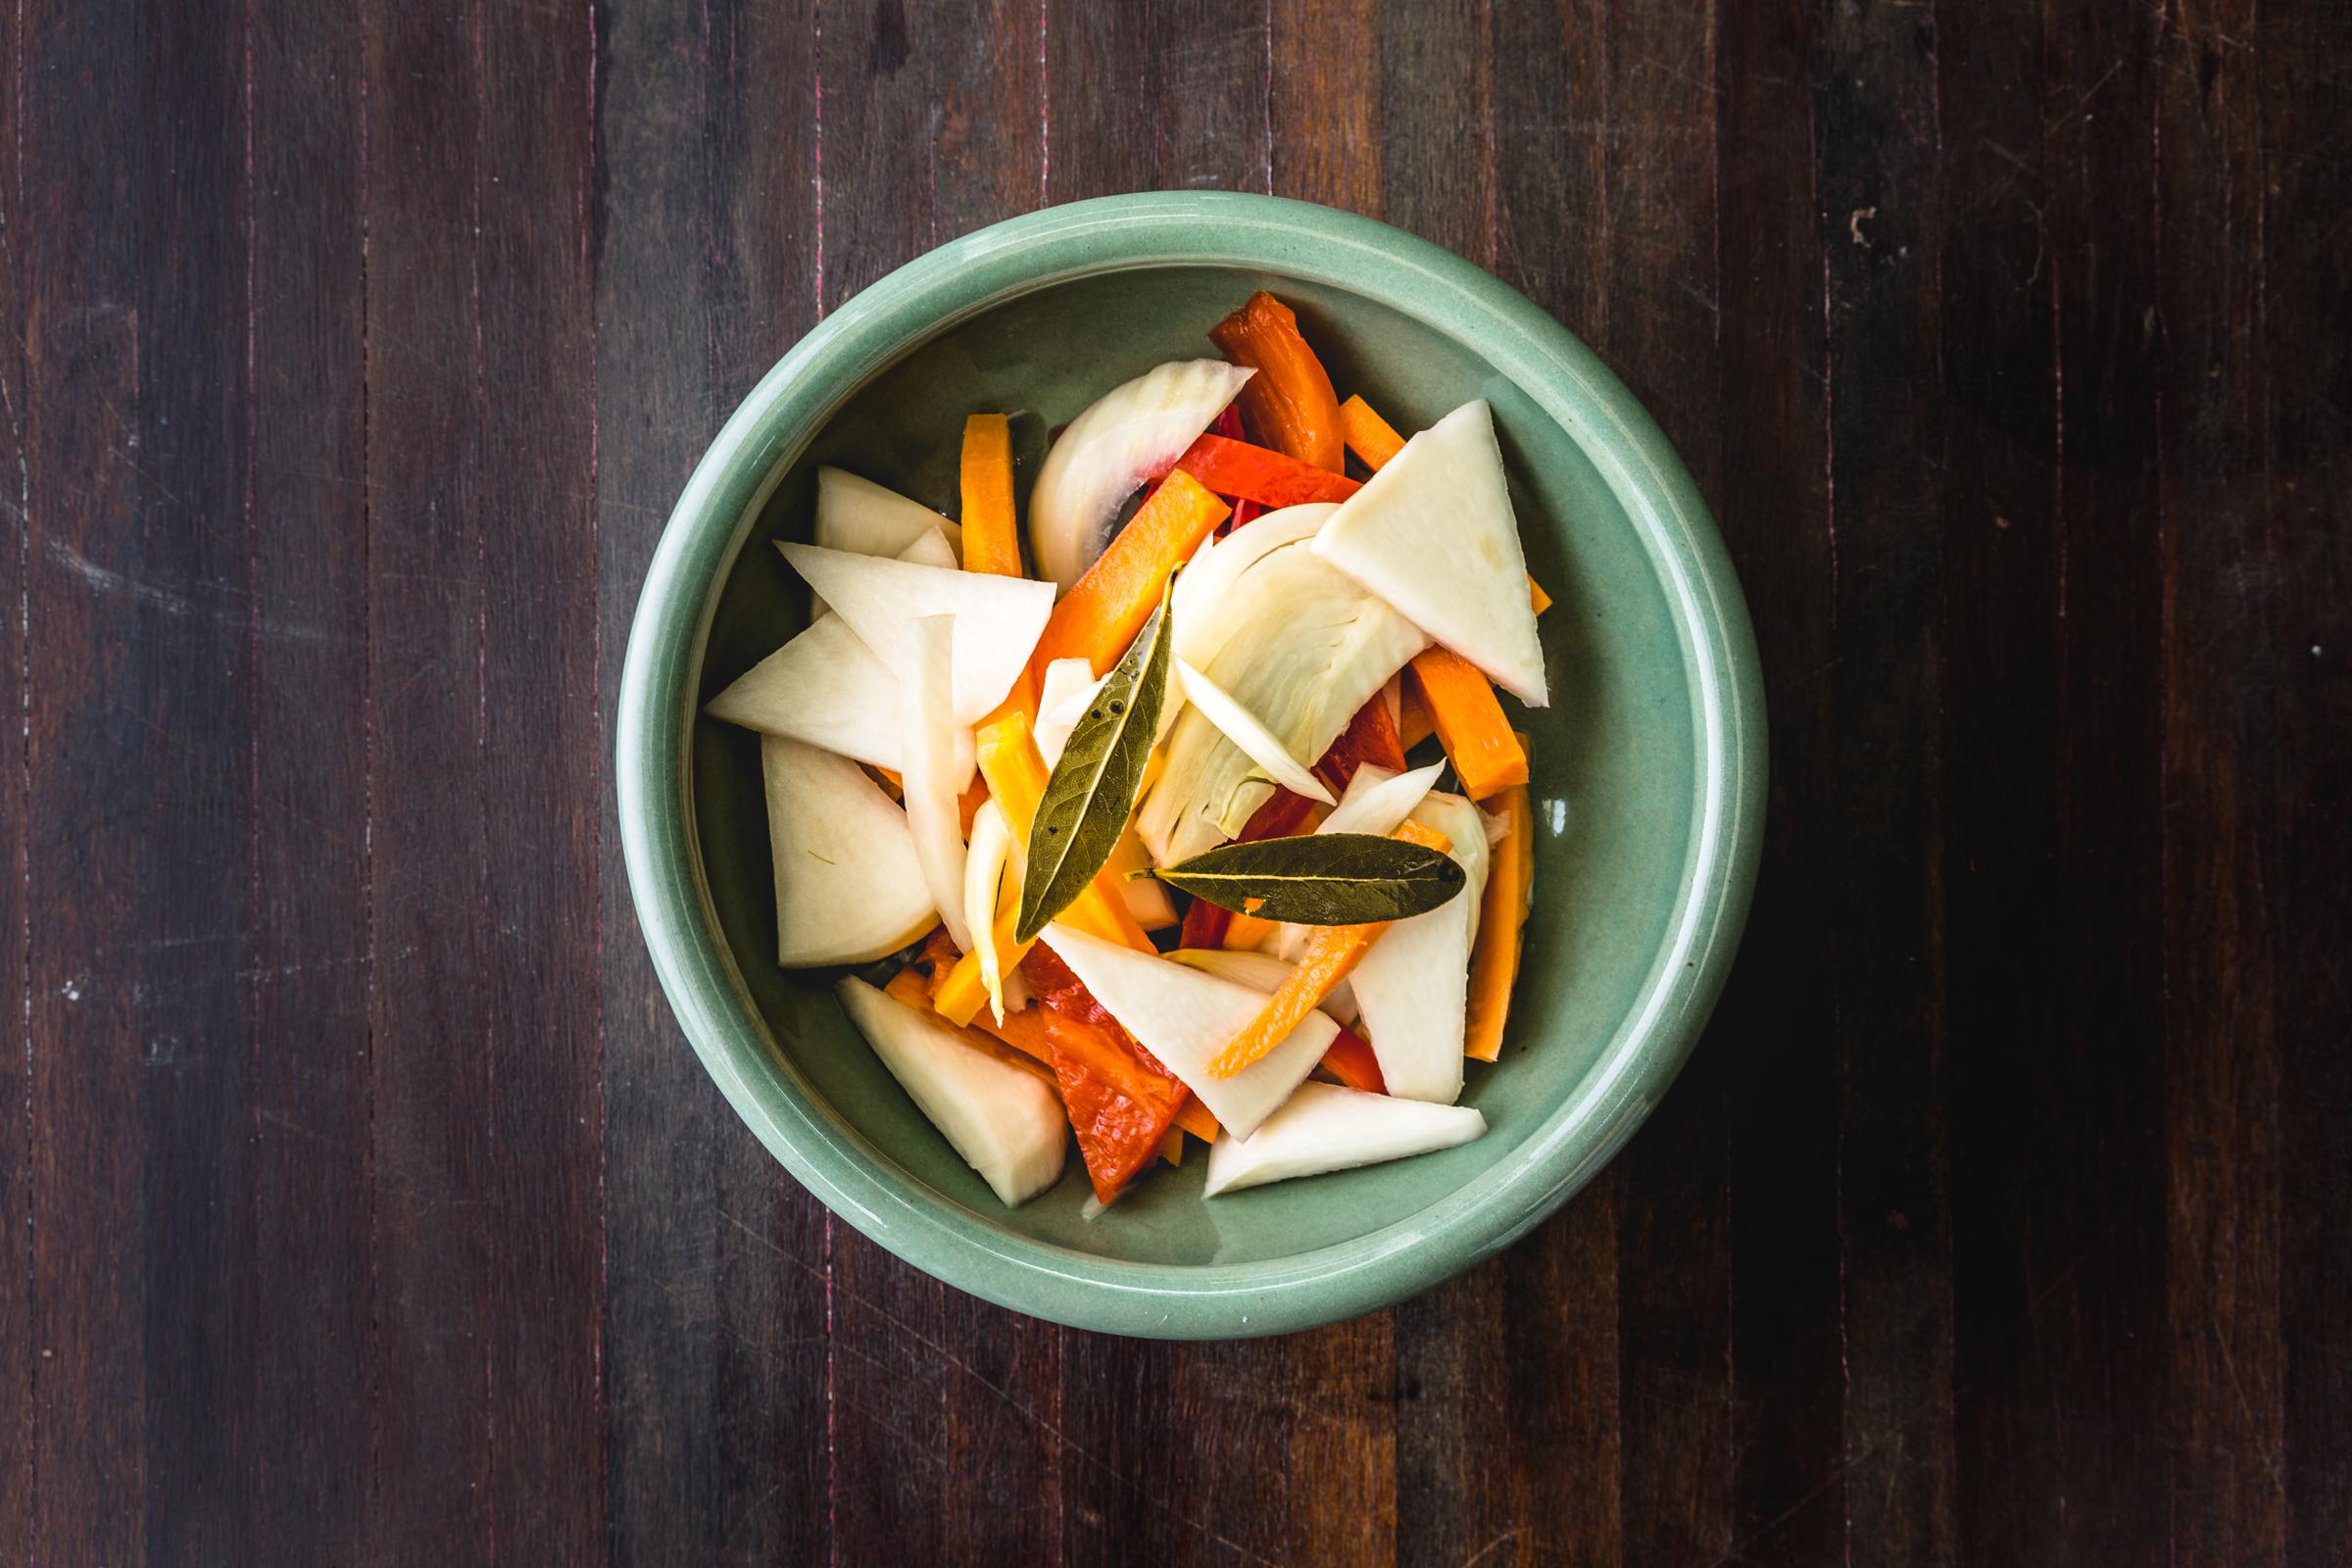 pickled vegetables image